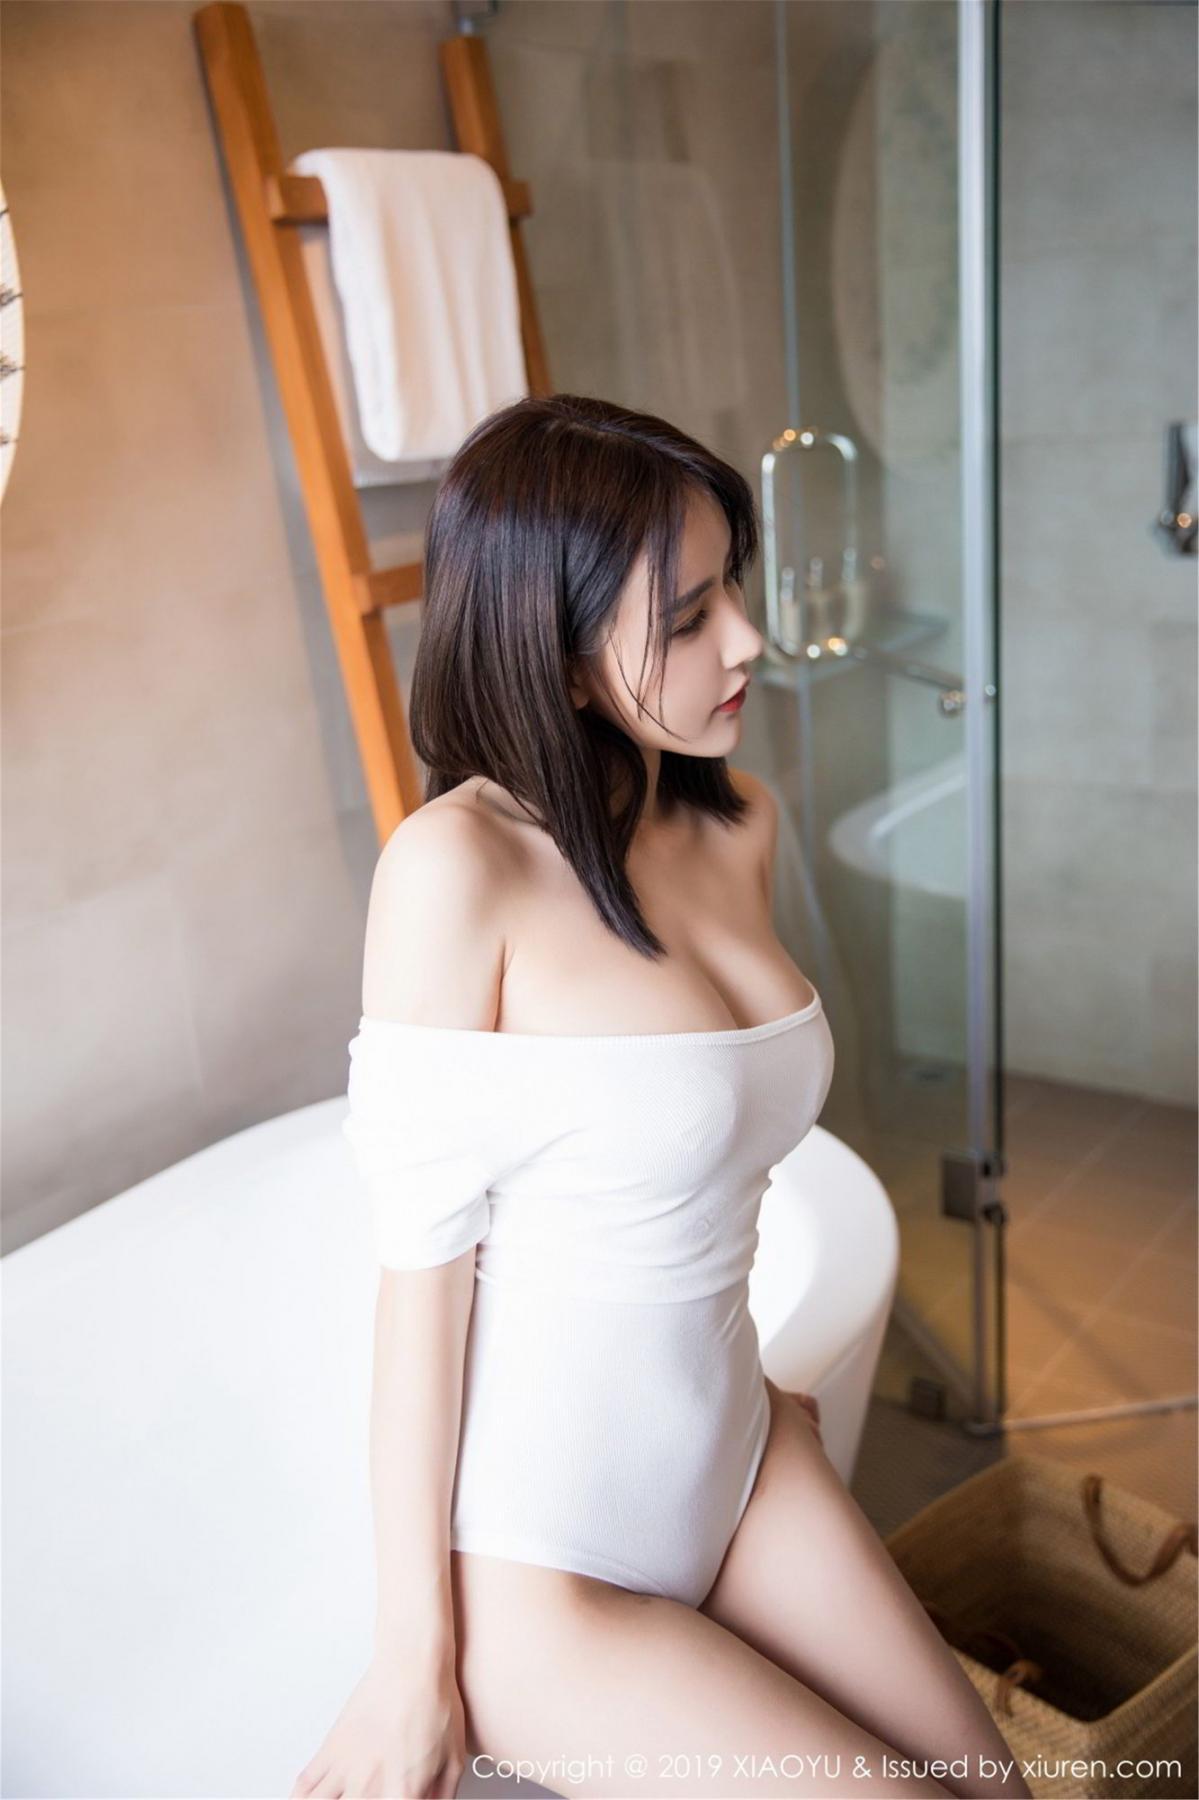 [XiaoYu] Vol.060 Xiao Mo Lin 25P, Bathroom, Lin Lin Ailin, Wet, XiaoYu